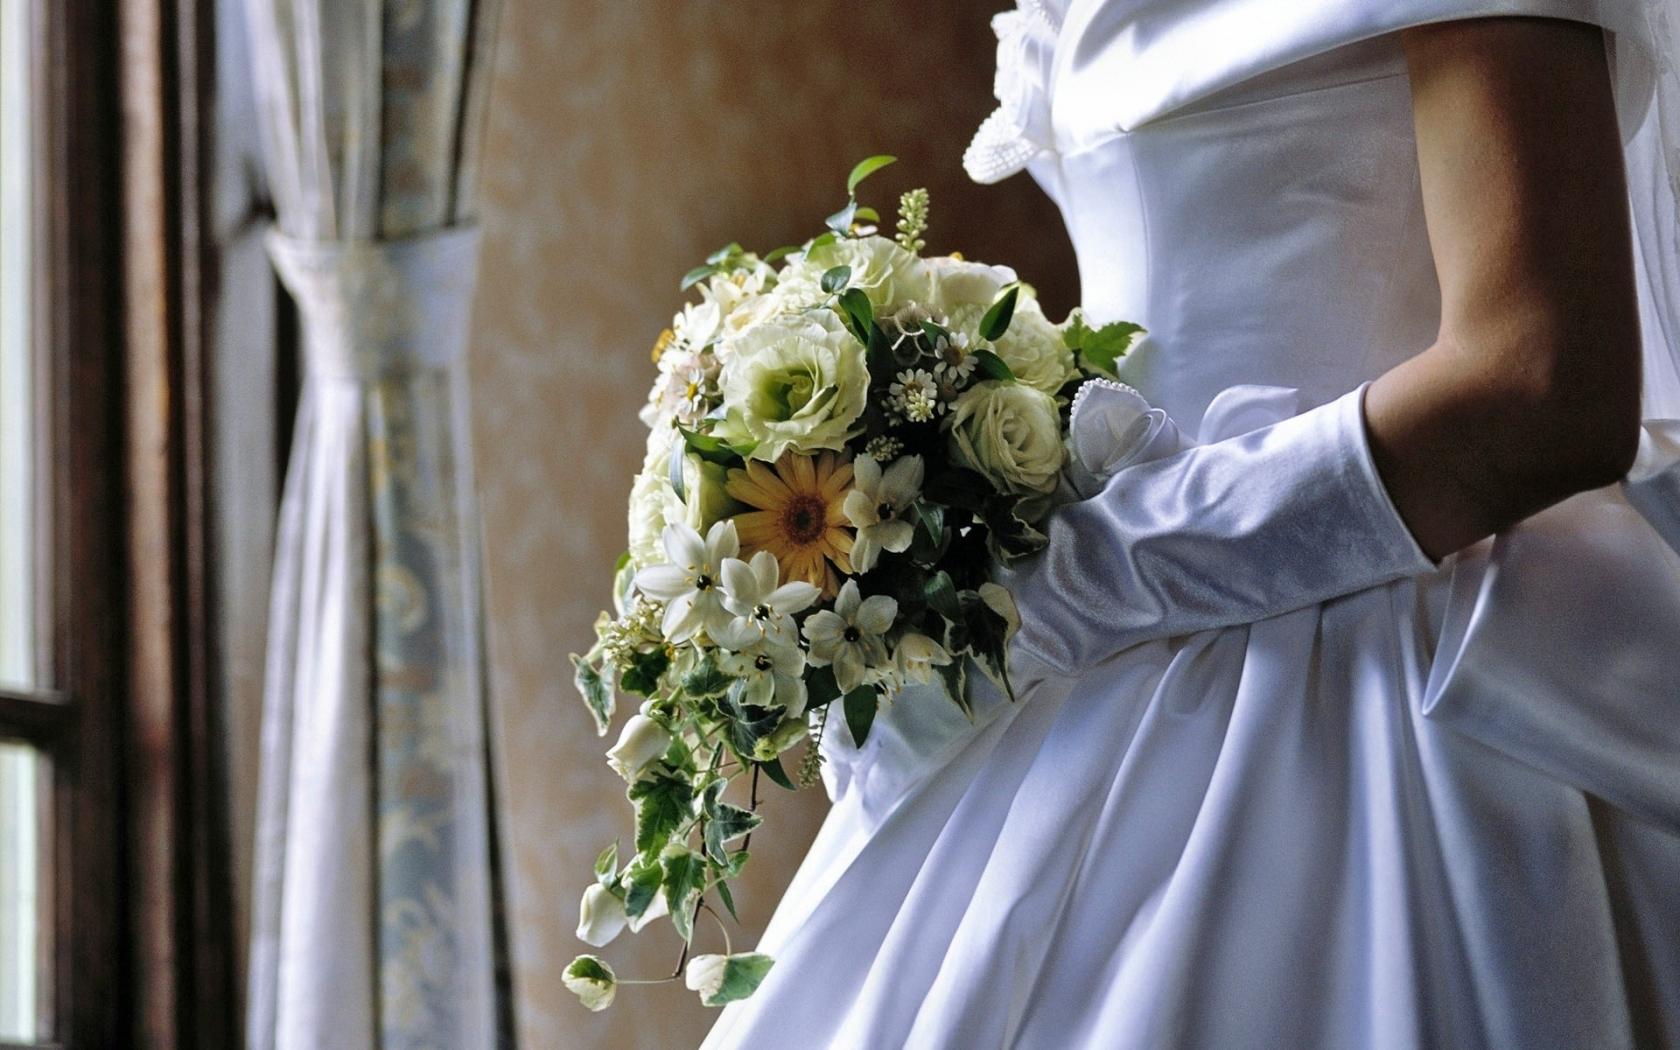 Las flores de una novia - 1680x1050